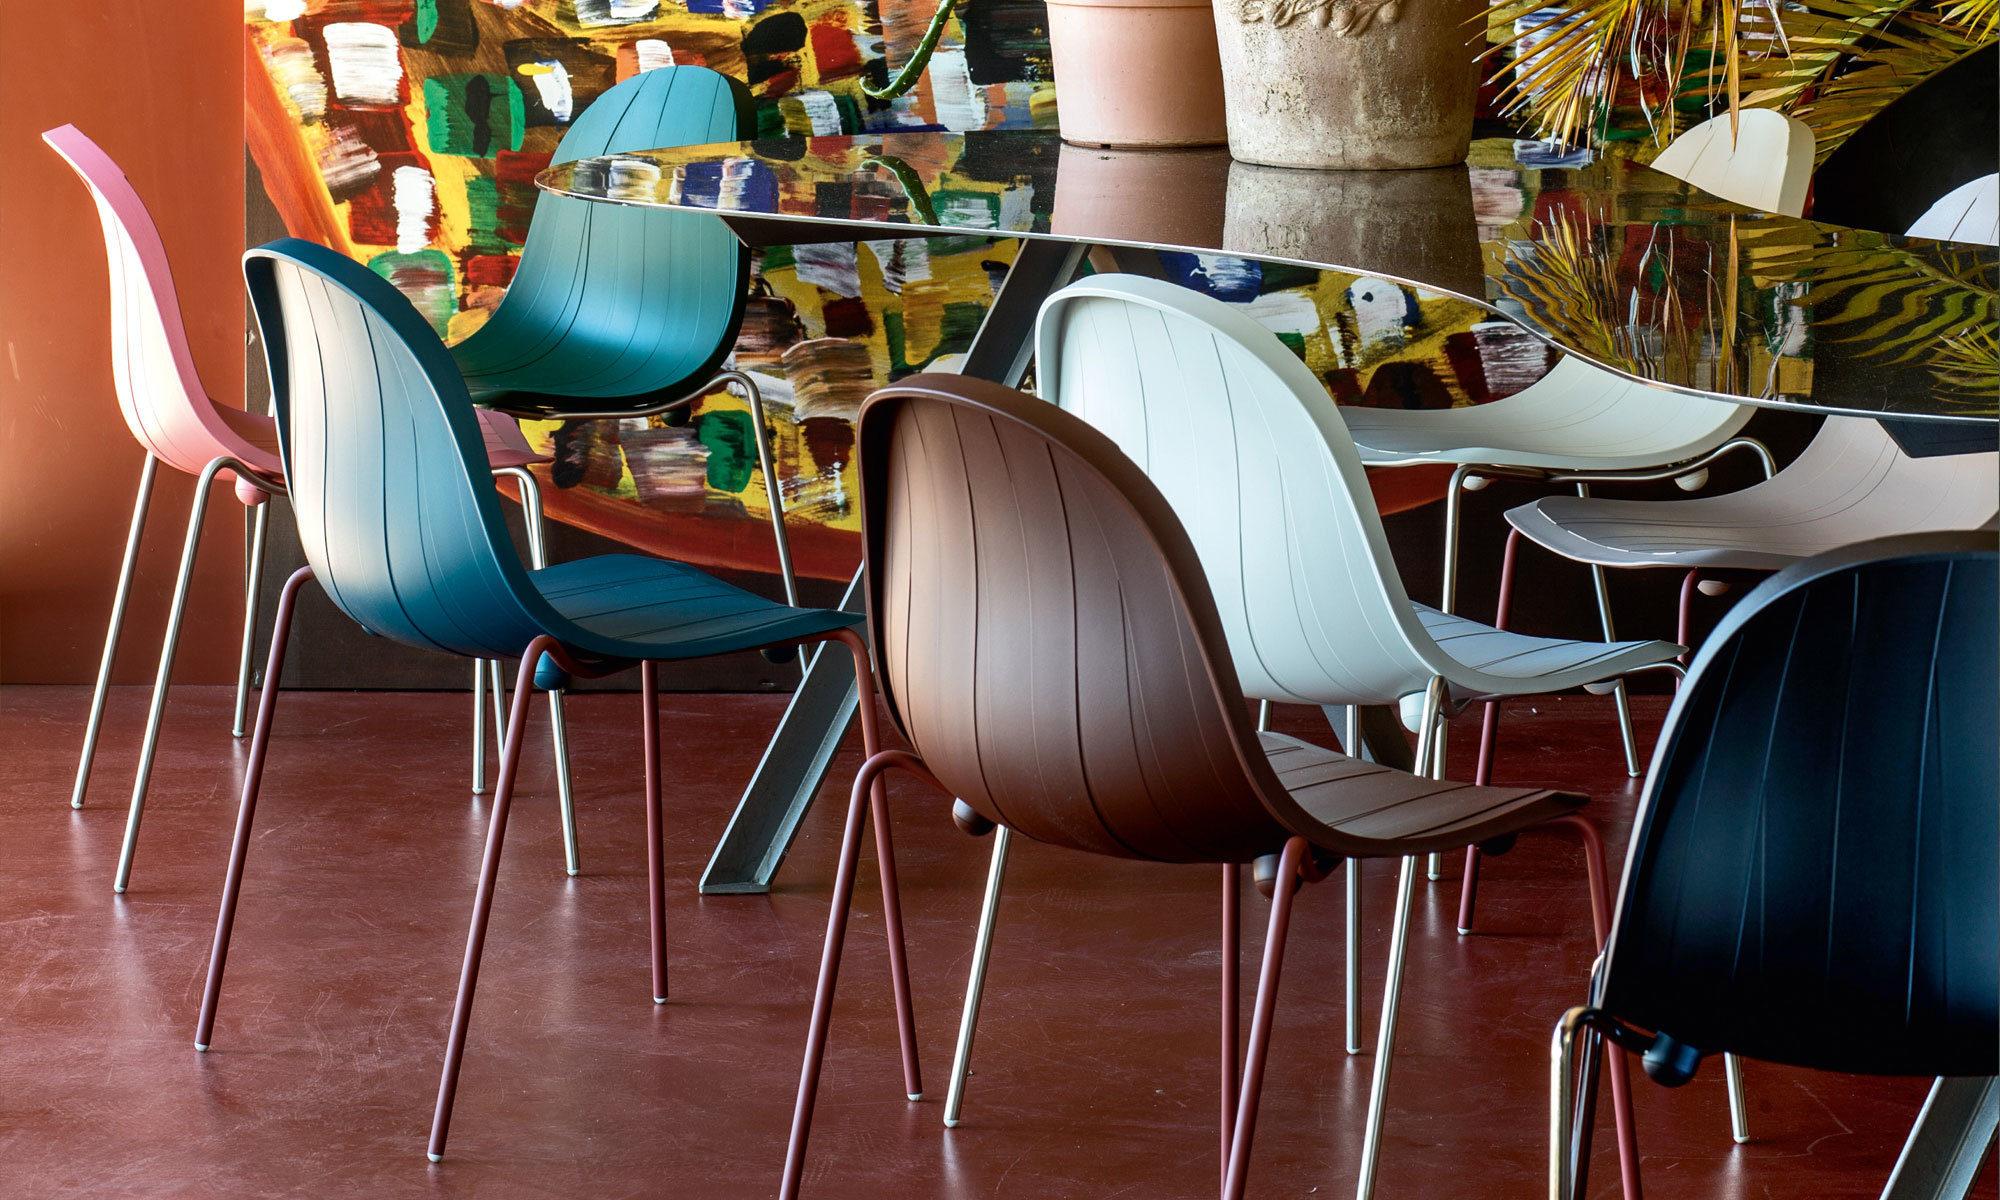 Arboform, liquid wood furniture